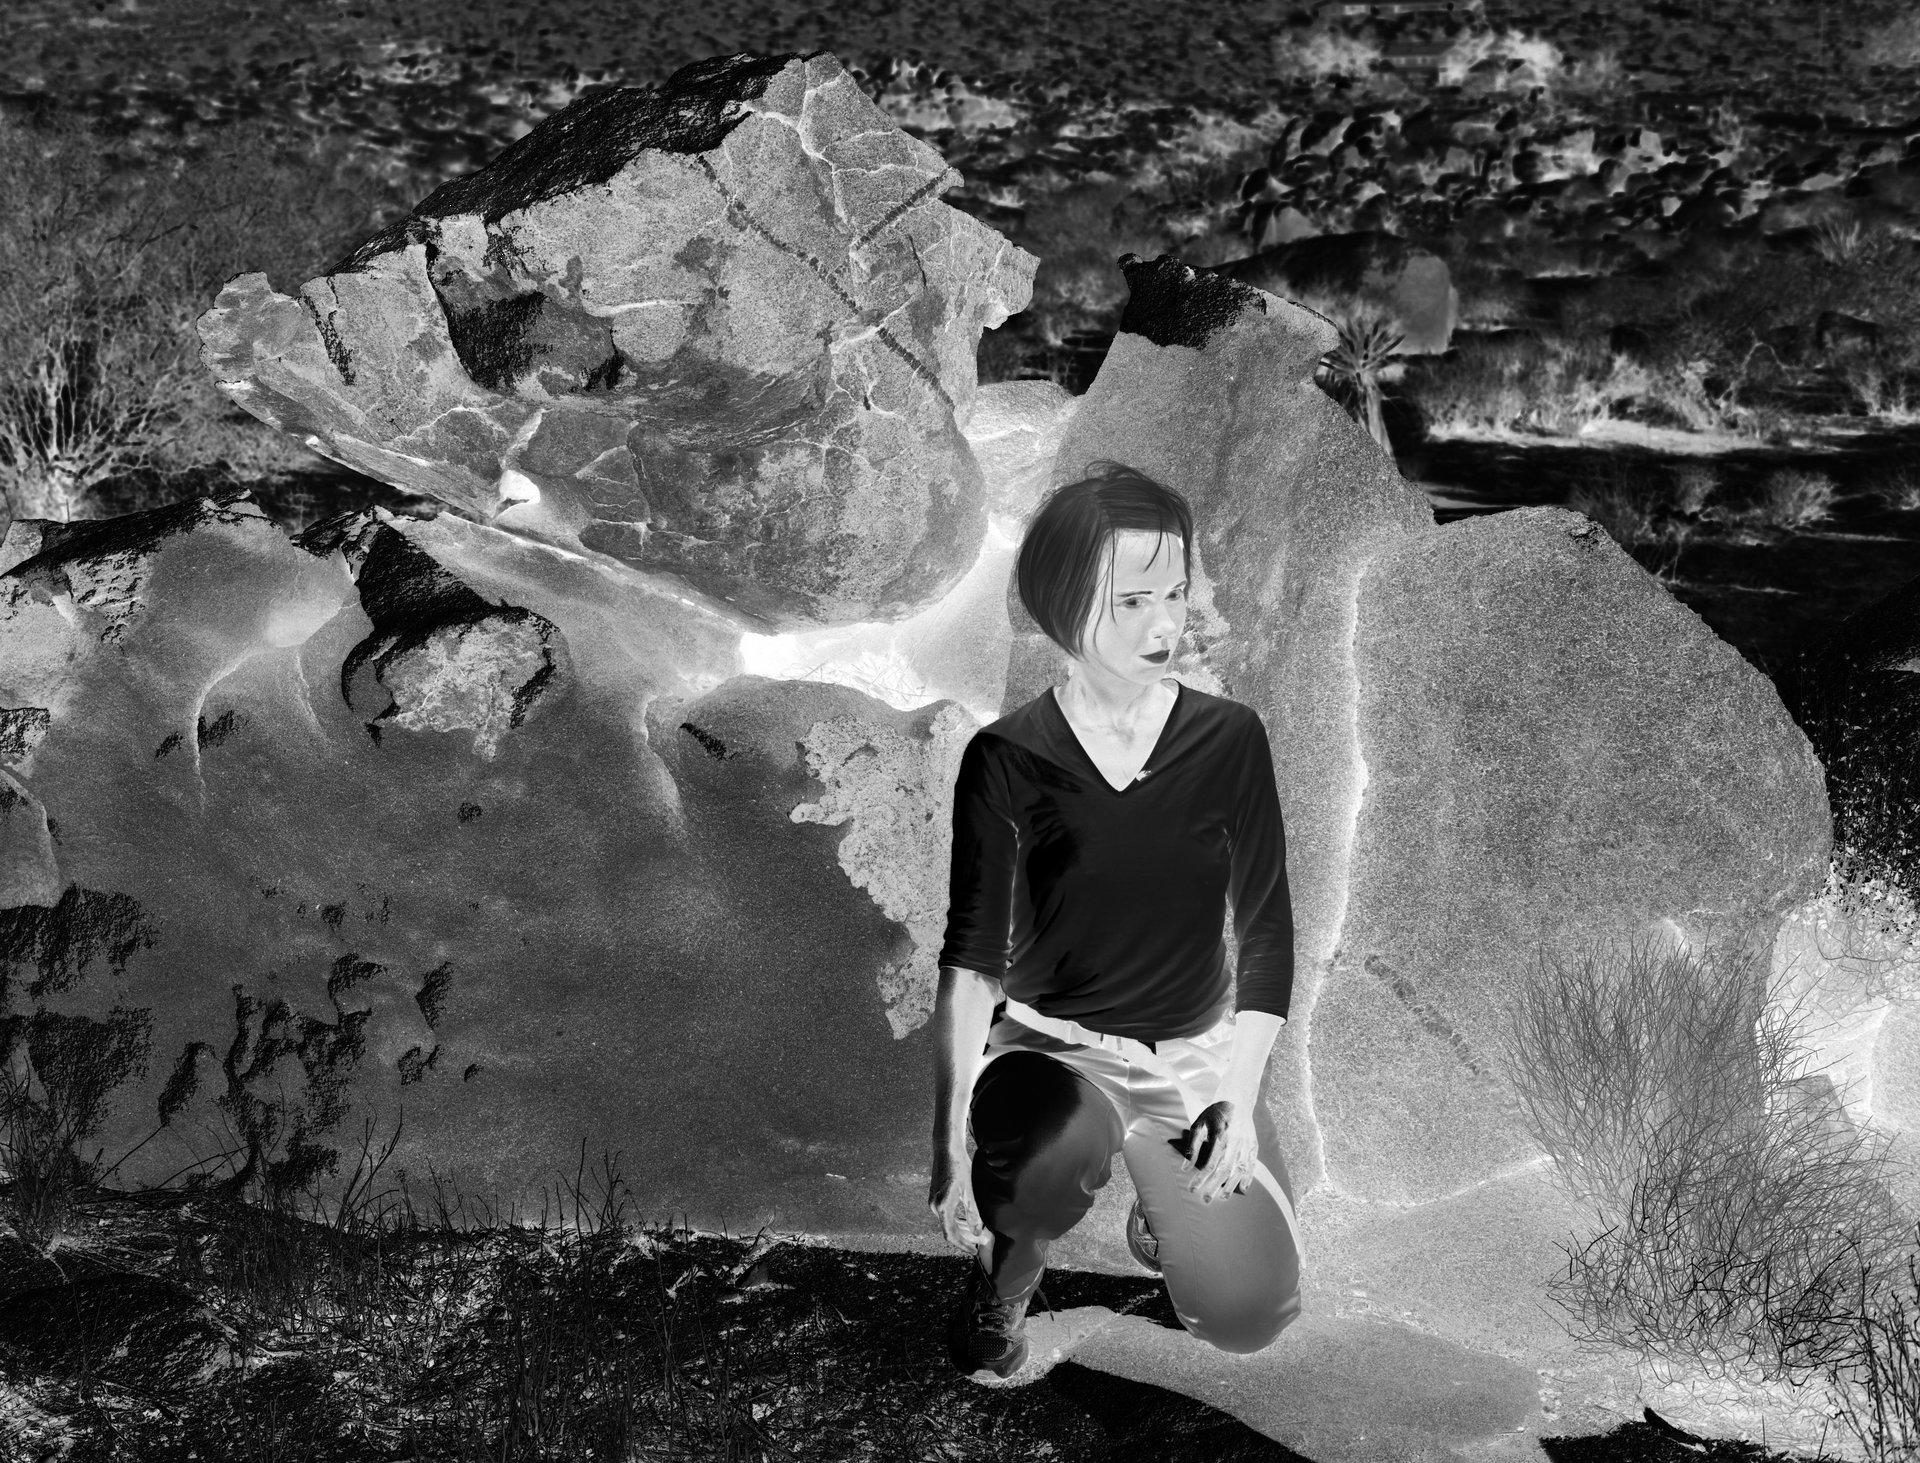 Aneta Grzeszykowska, Negativebook, 2012–2013, (11/42)